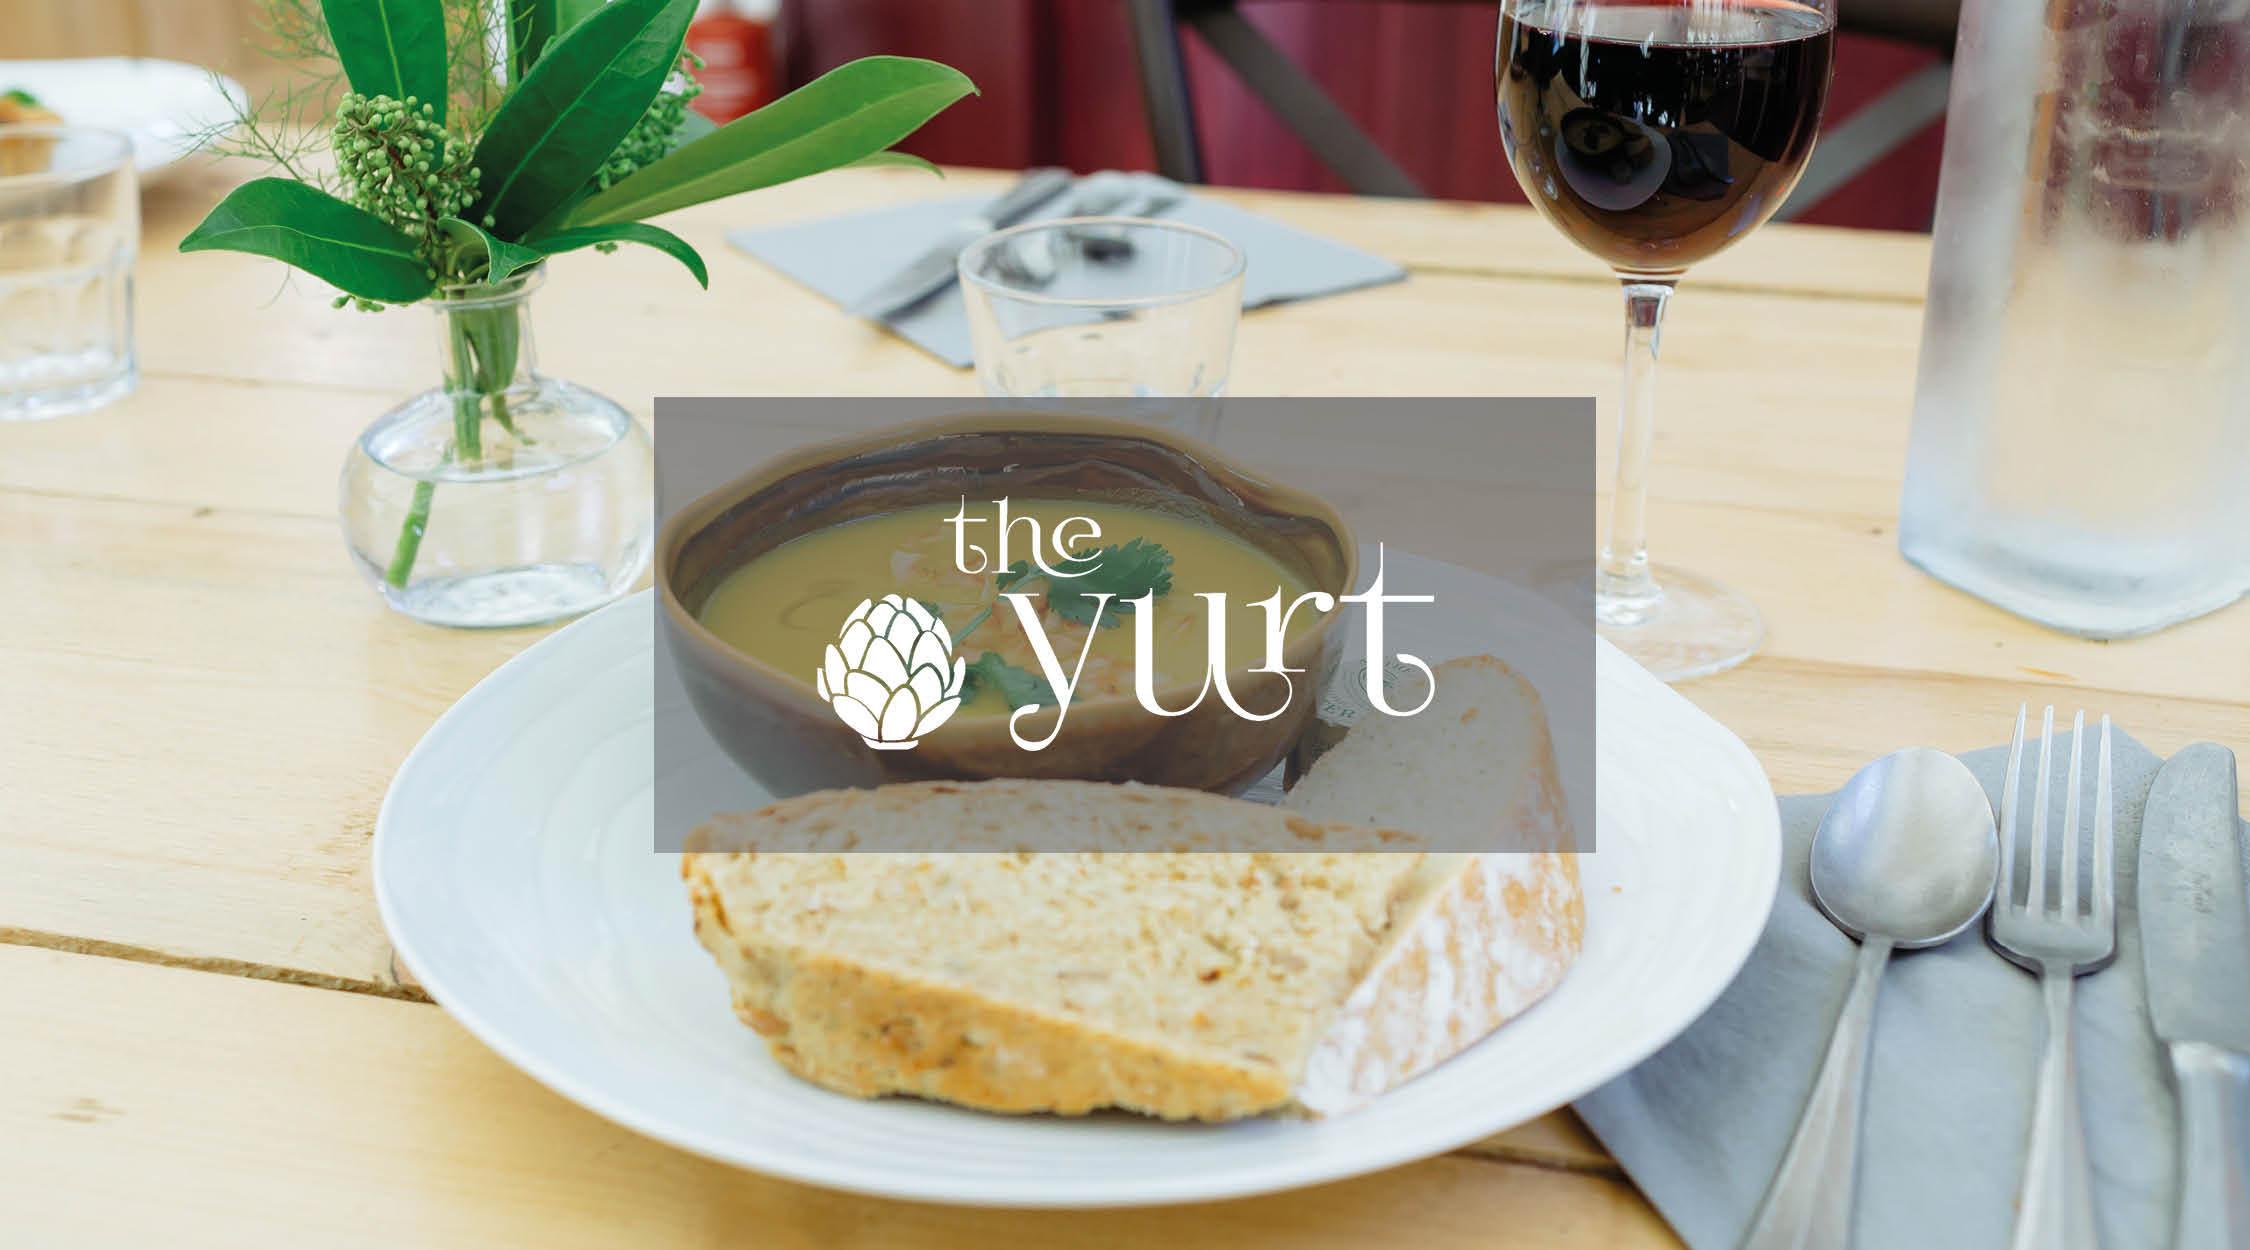 2016 – Yurt Cafe built and established